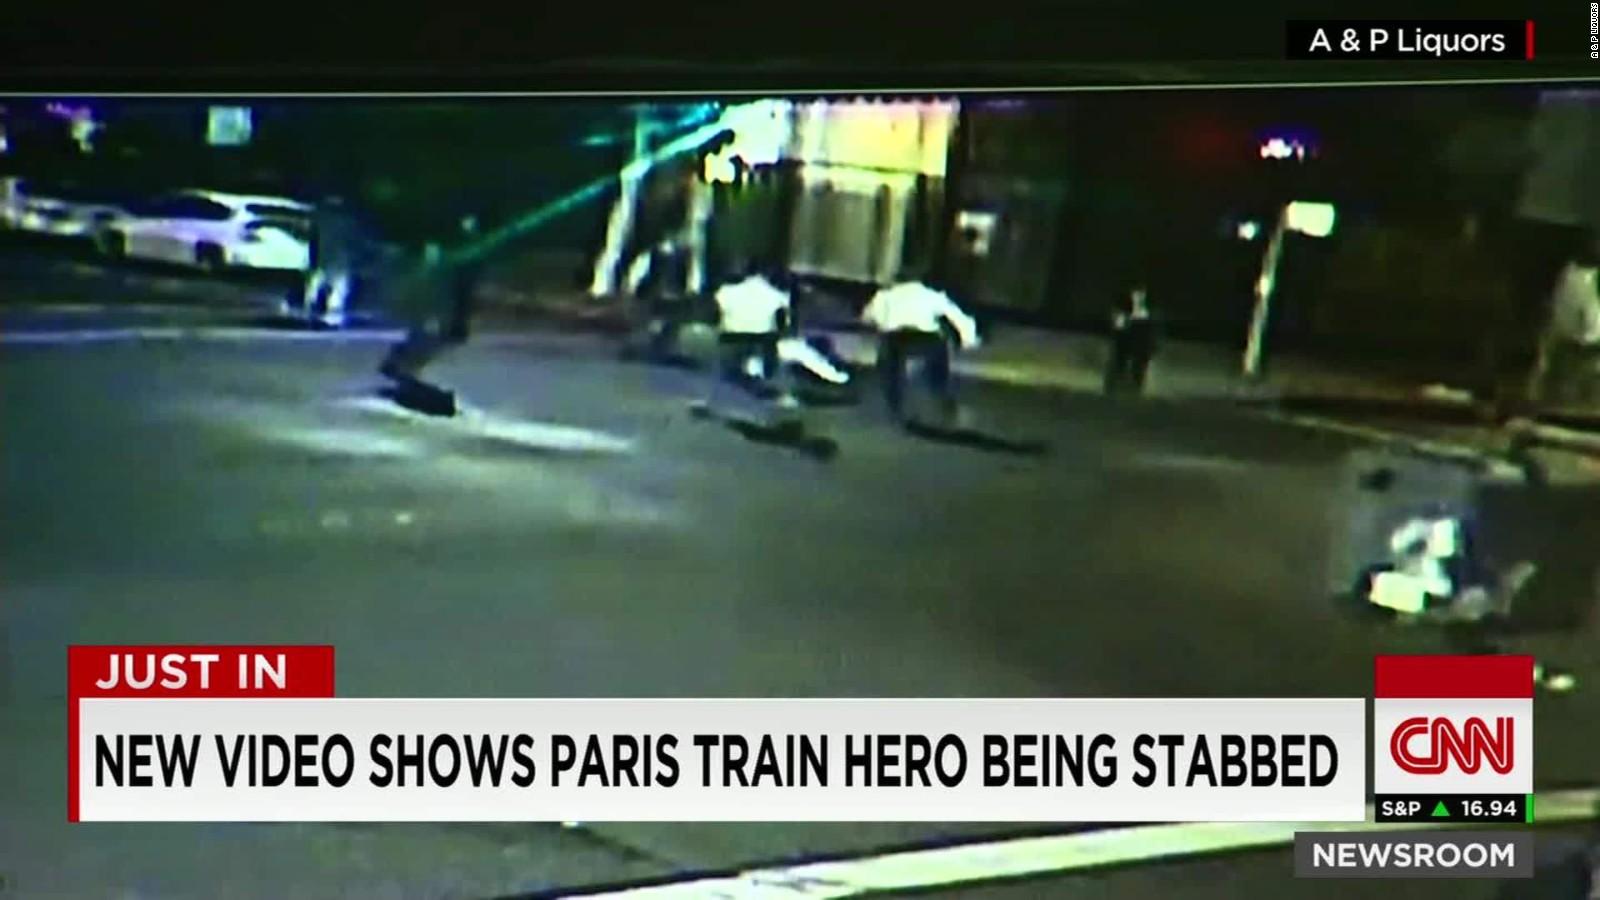 Spencer Stone, train hero, stabbed in Sacramento - CNN